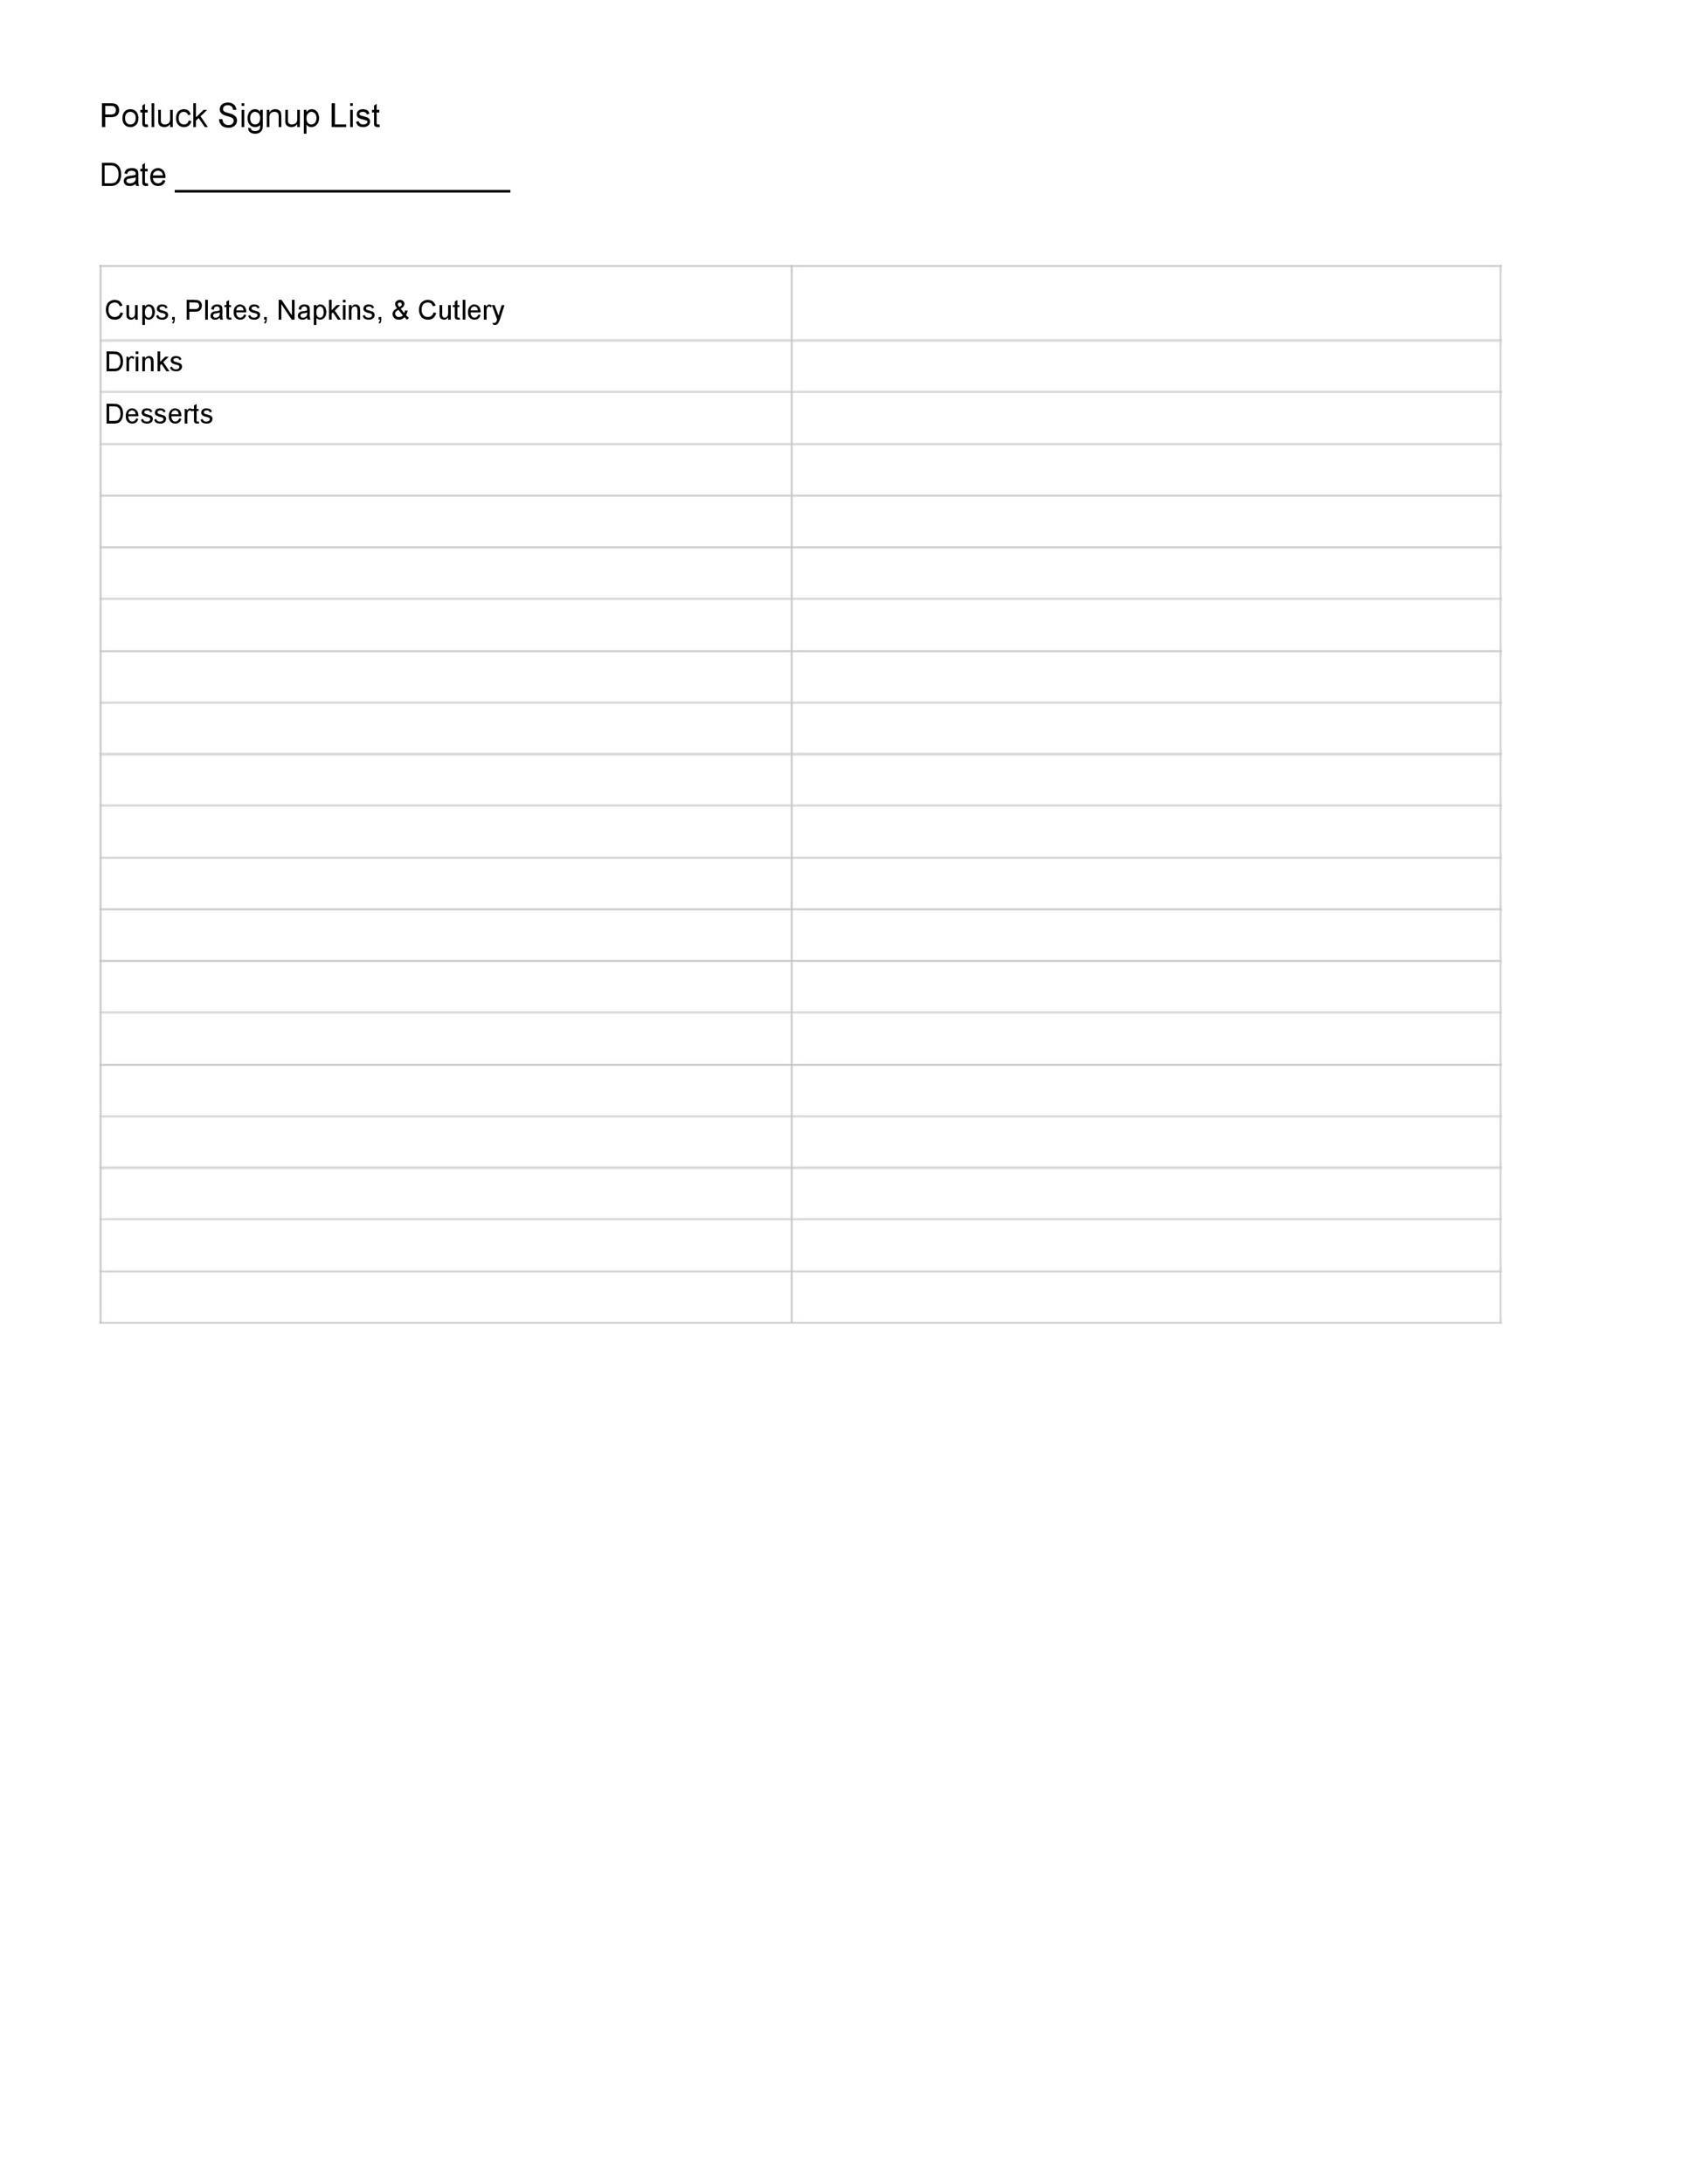 Free potluck sign up sheet 37